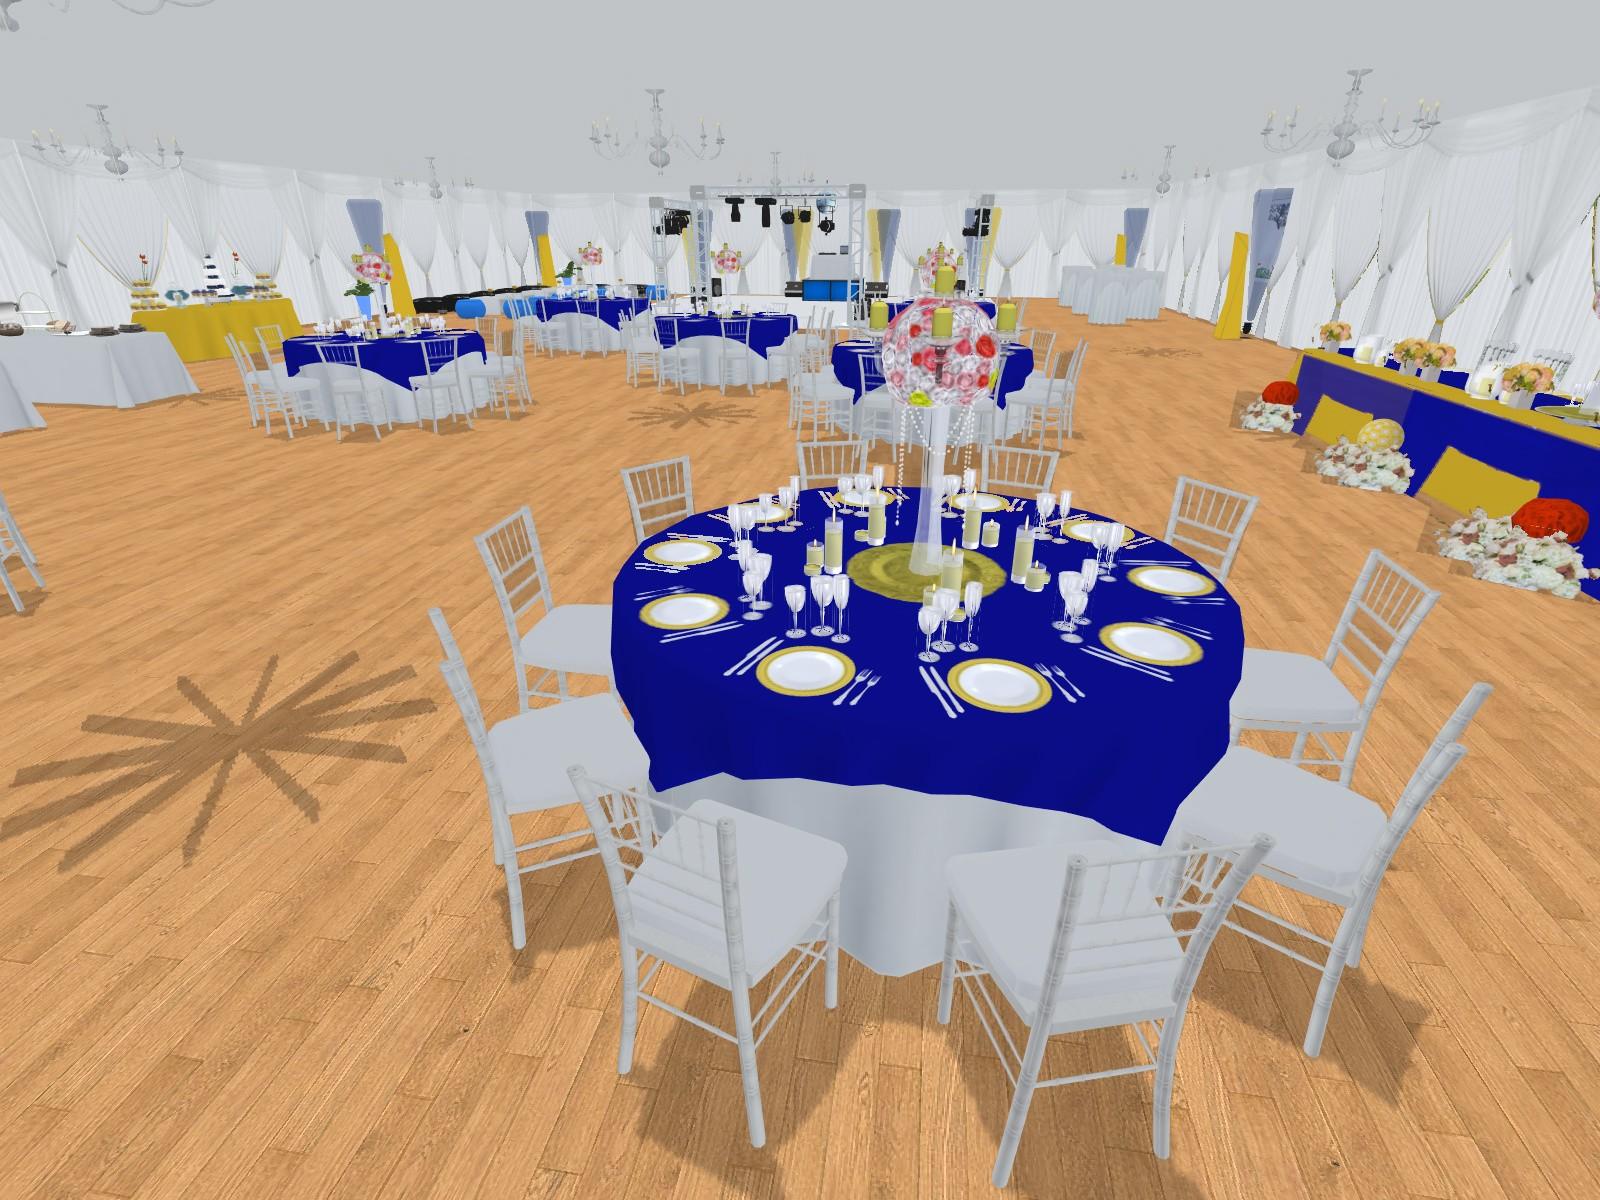 Prestations Plan 3d Evenement Mariage Anniversaire Décoration Evenementielle France Implantation 3d Table De Reception